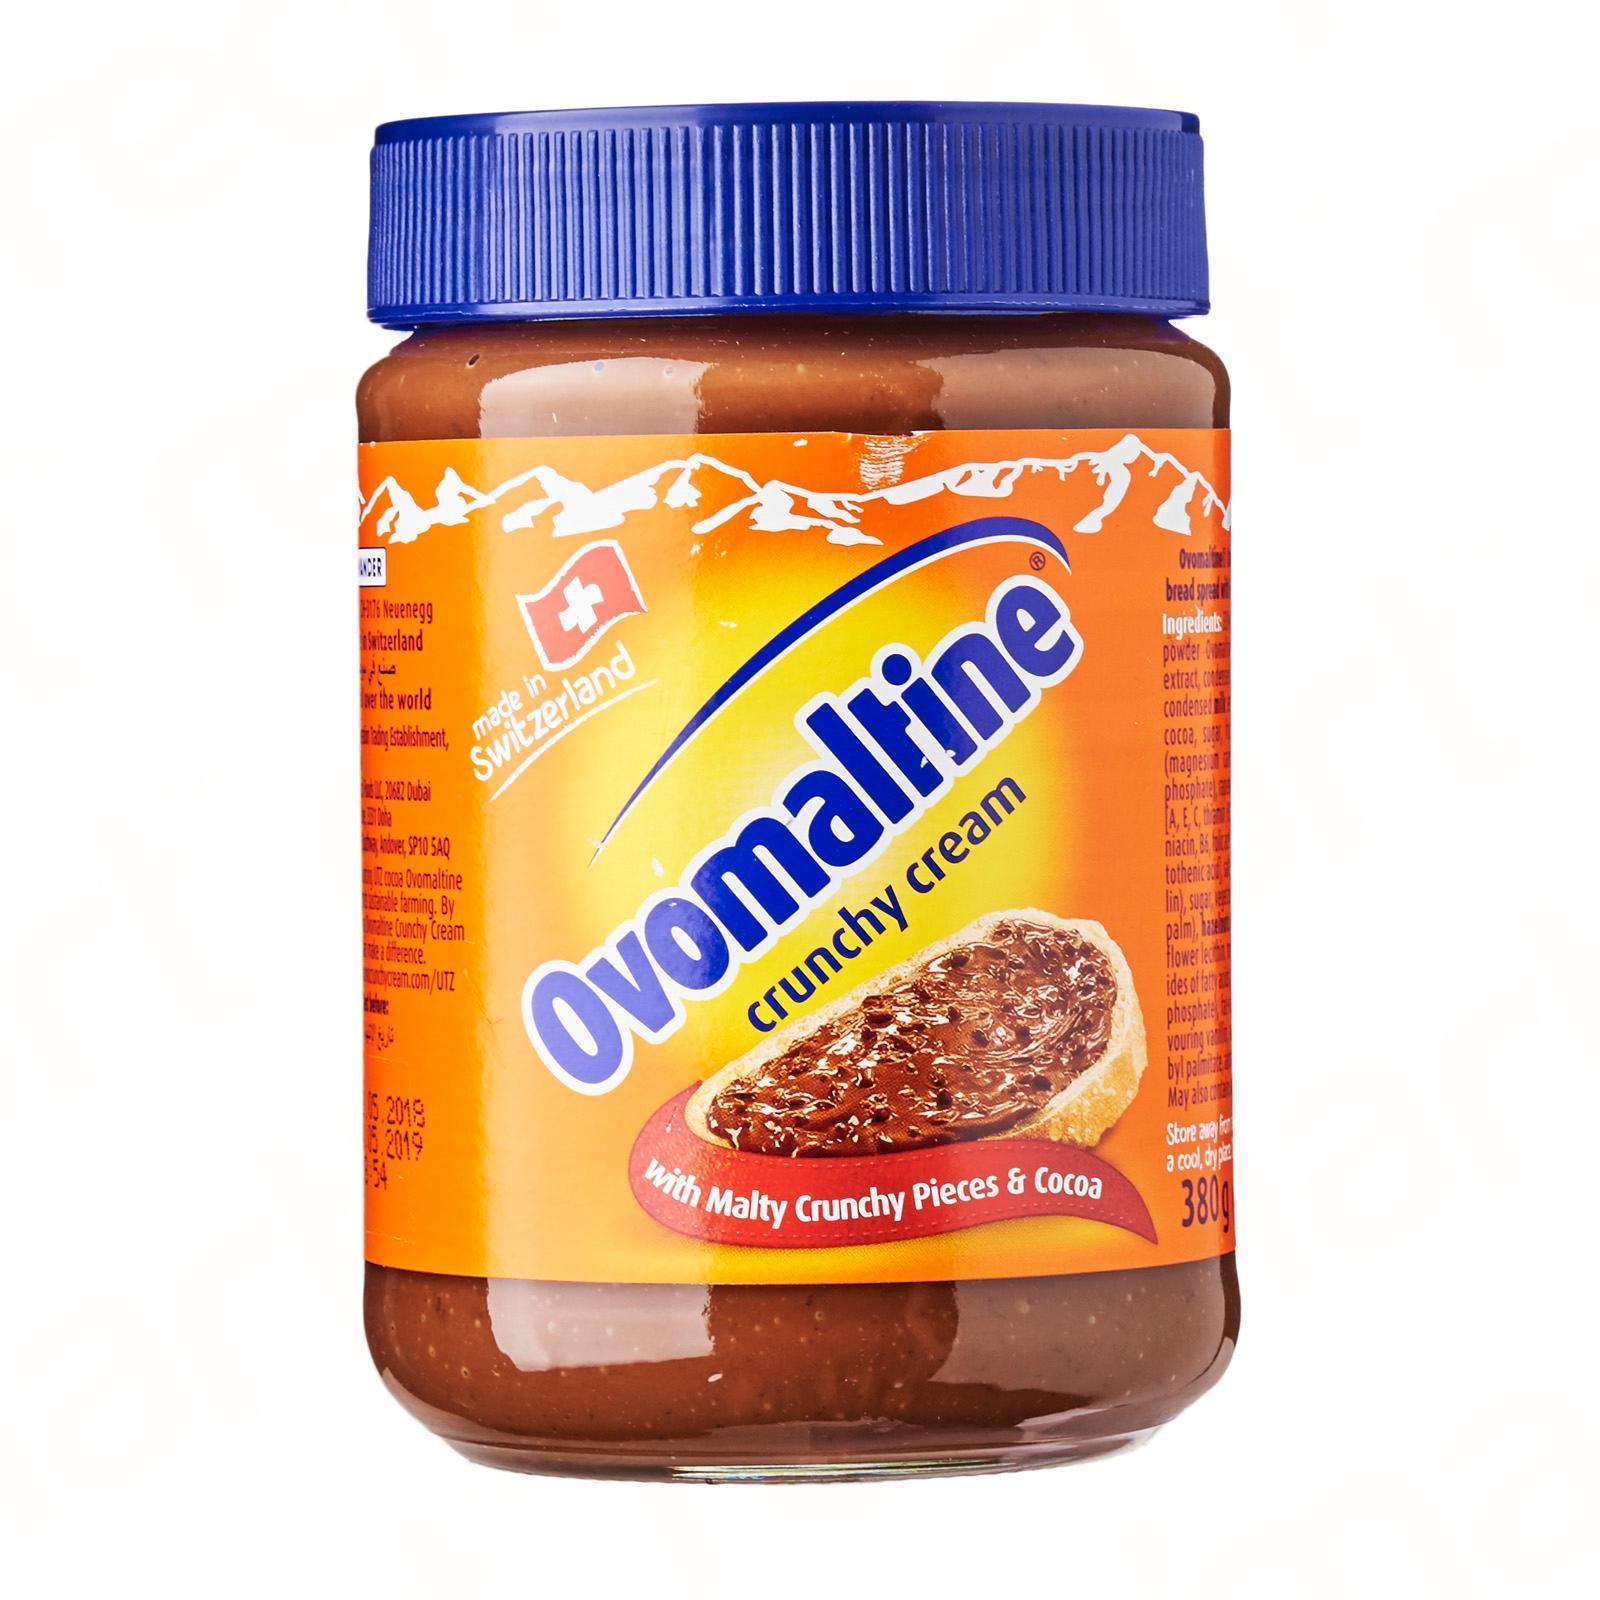 OVOMALTINE Ovomaltine Crunchy Cream Spread 380g